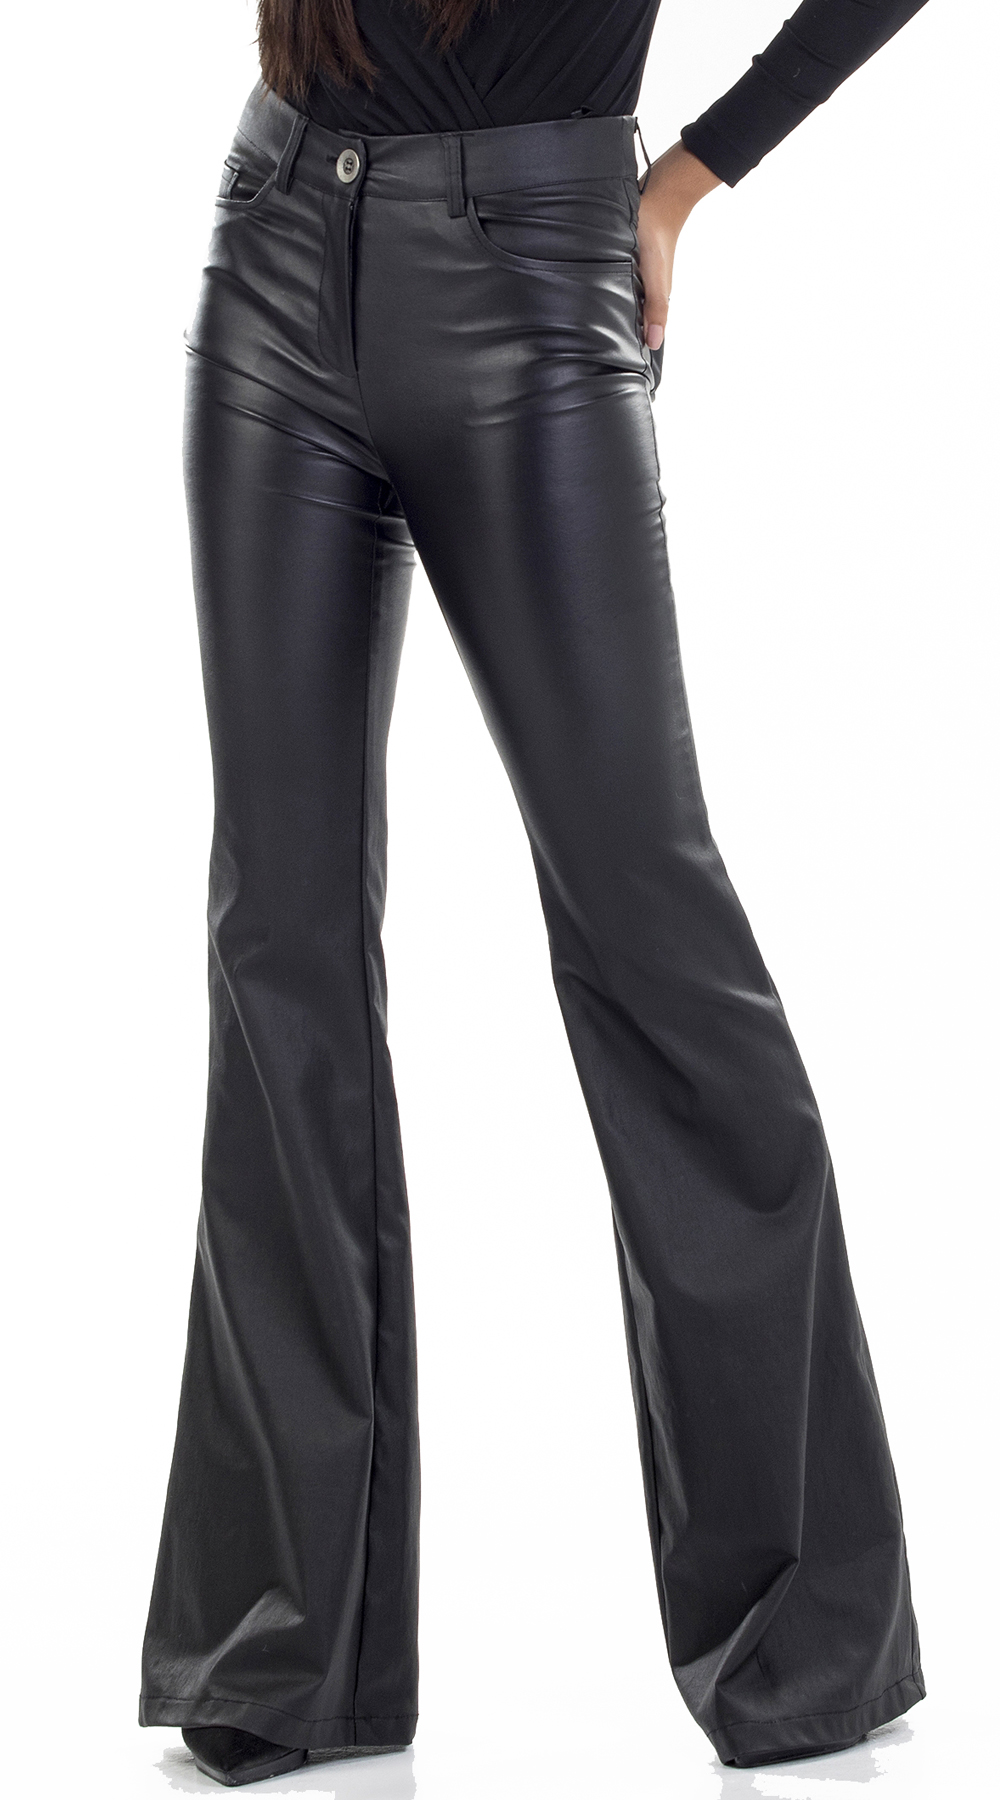 Γυναικείο παντελόνι καμπάνα με δερμάτινη υφή Online - ONLINE - W18ON-39537 ενδύματα κολάν   παντελόνια